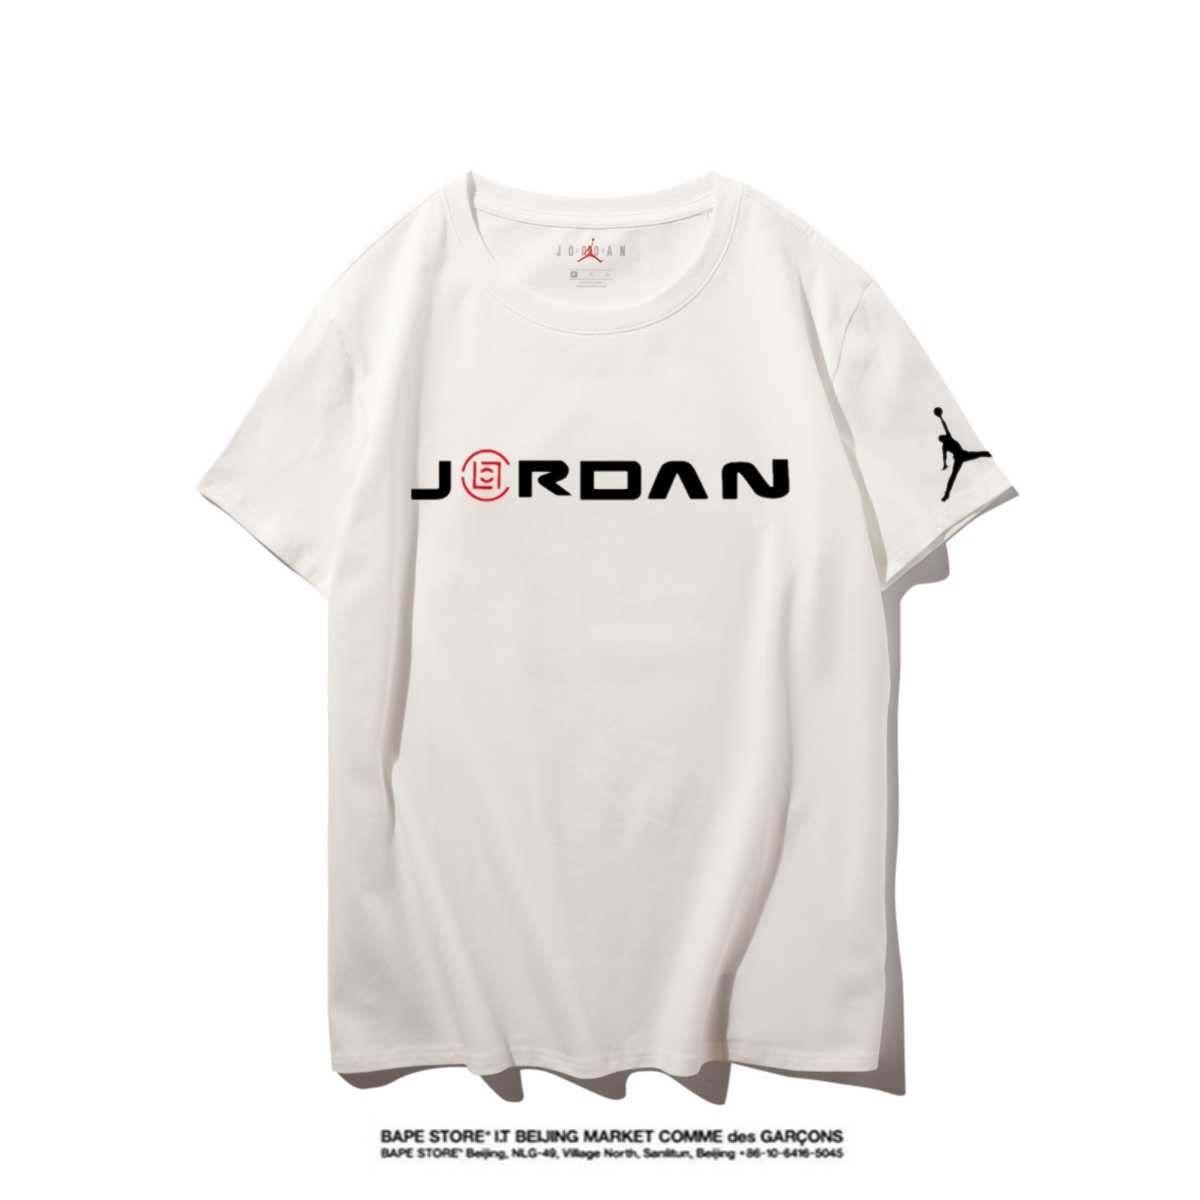 Jordan Hohe Qualität Neuer Brief Printing Short Sleeve Mode Aufmaß Cotton Hip Hop-Männer Frauen Paar Designer-T-Shirt S-XXL # 22899